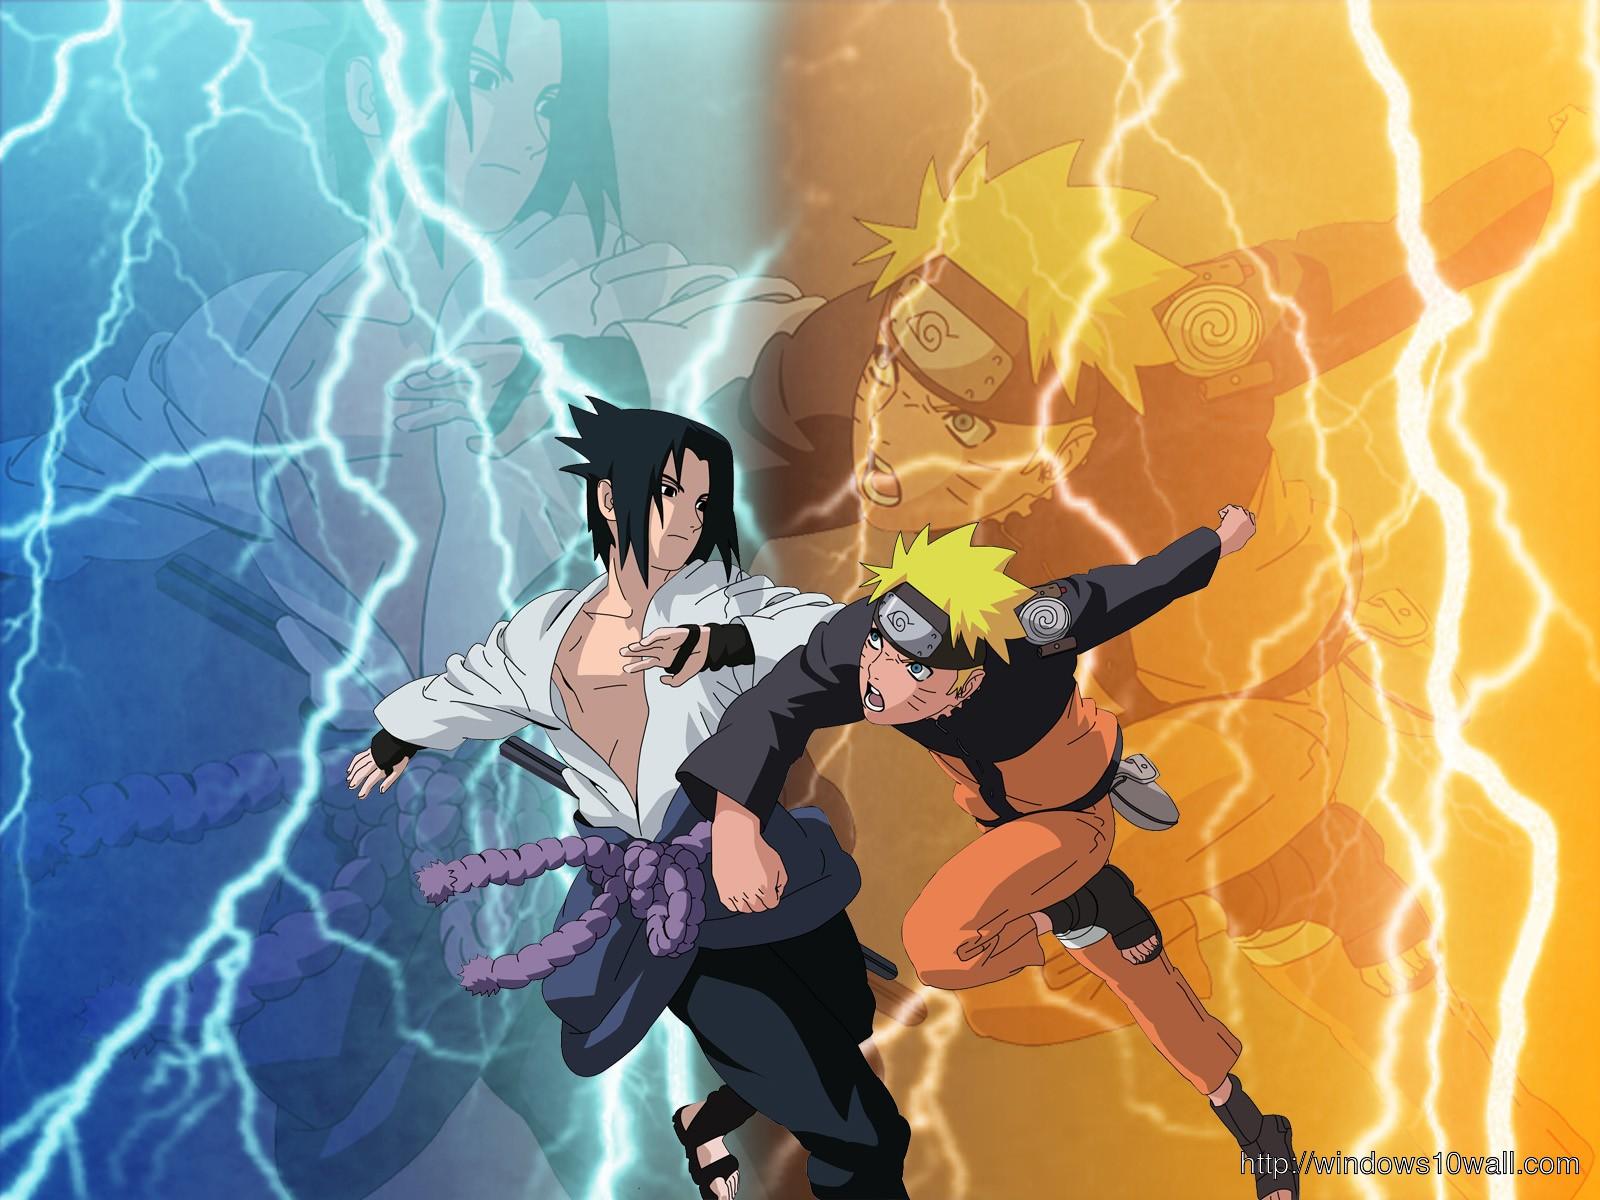 naruto in sage mode fighting sasuke wallpaper